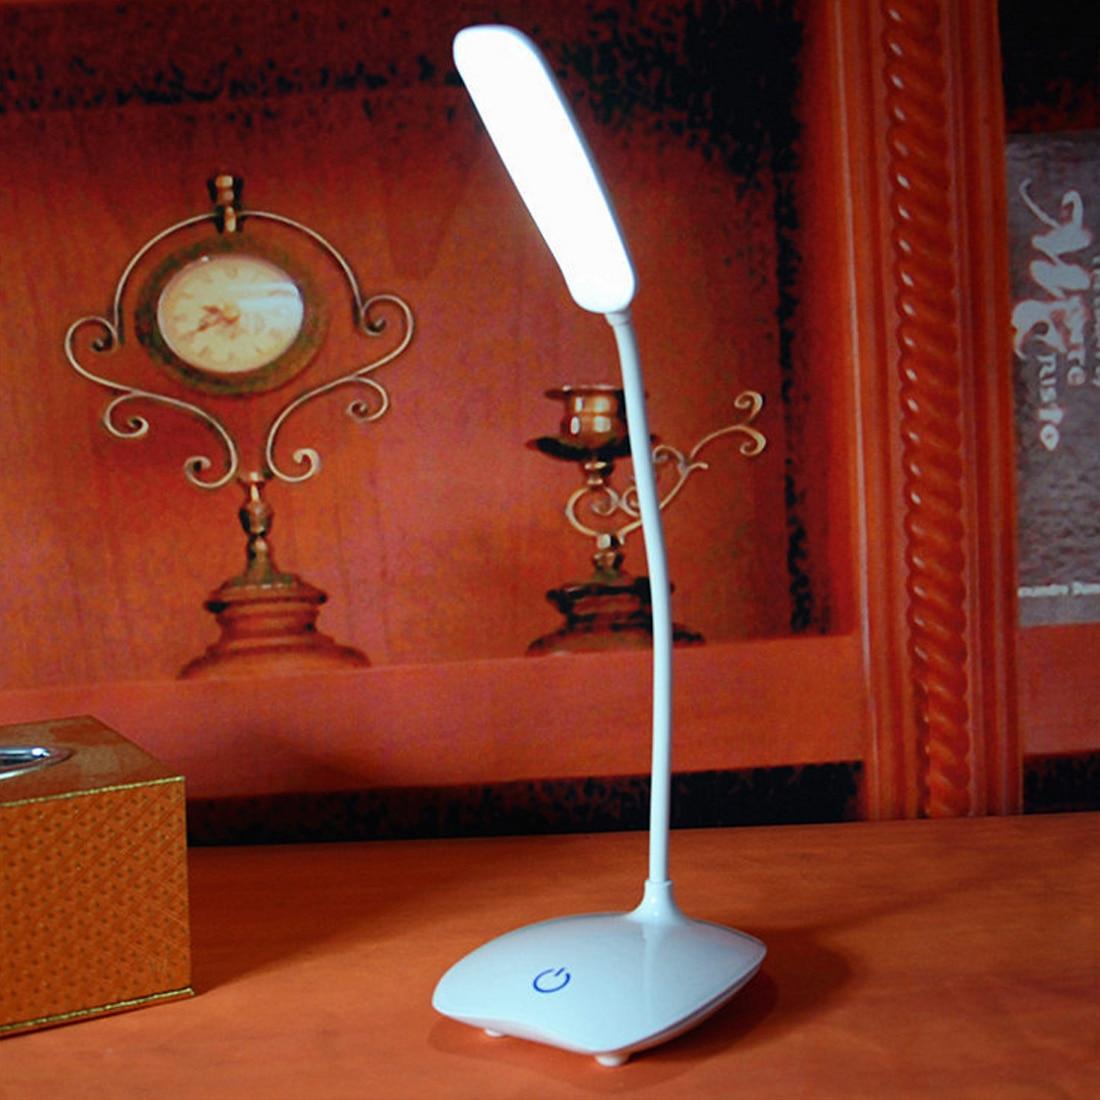 USB Перезаряжаемые светодиодный столы настольная лампа регулируемая интенсивность Чтение свет сенсорный выключатель настольной лампы наст...